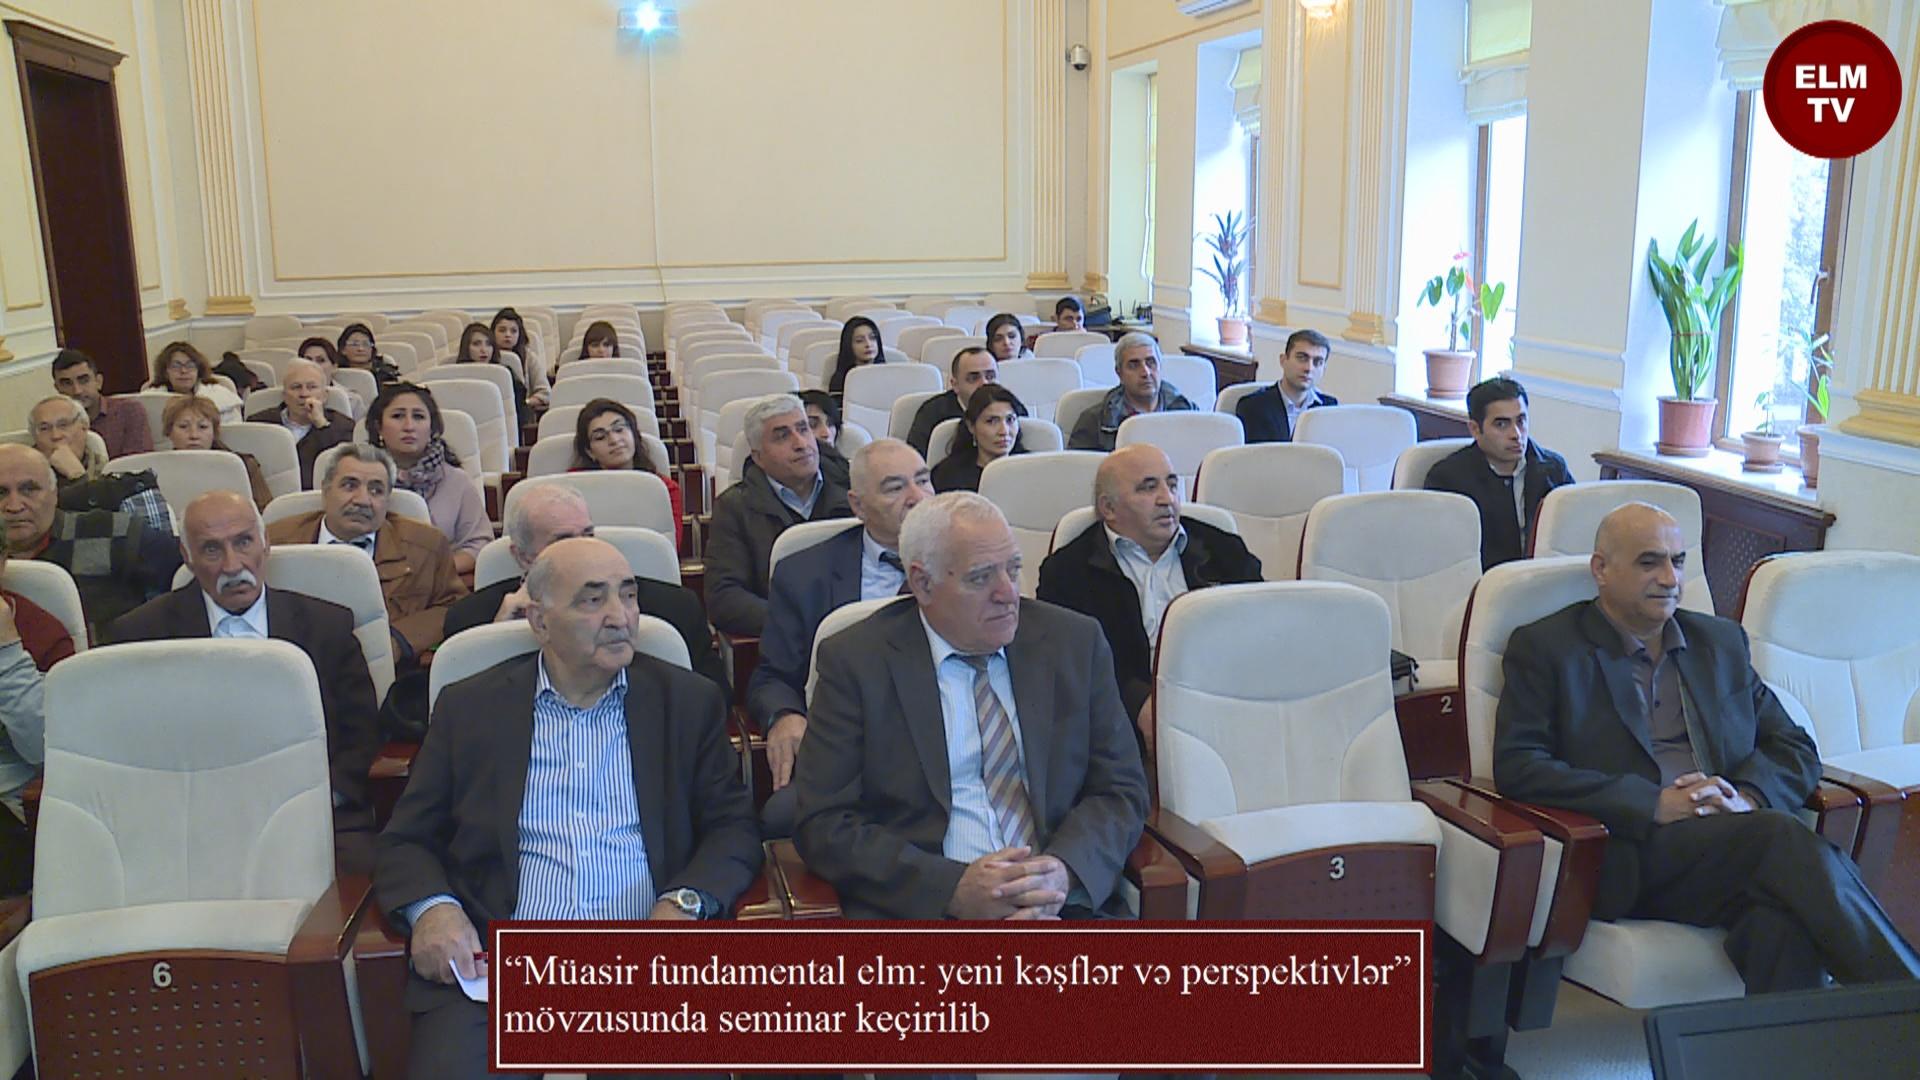 """""""Müasir fundamental elm: yeni kəşflər və perspektivlər"""" mövzusunda seminar keçirilib"""